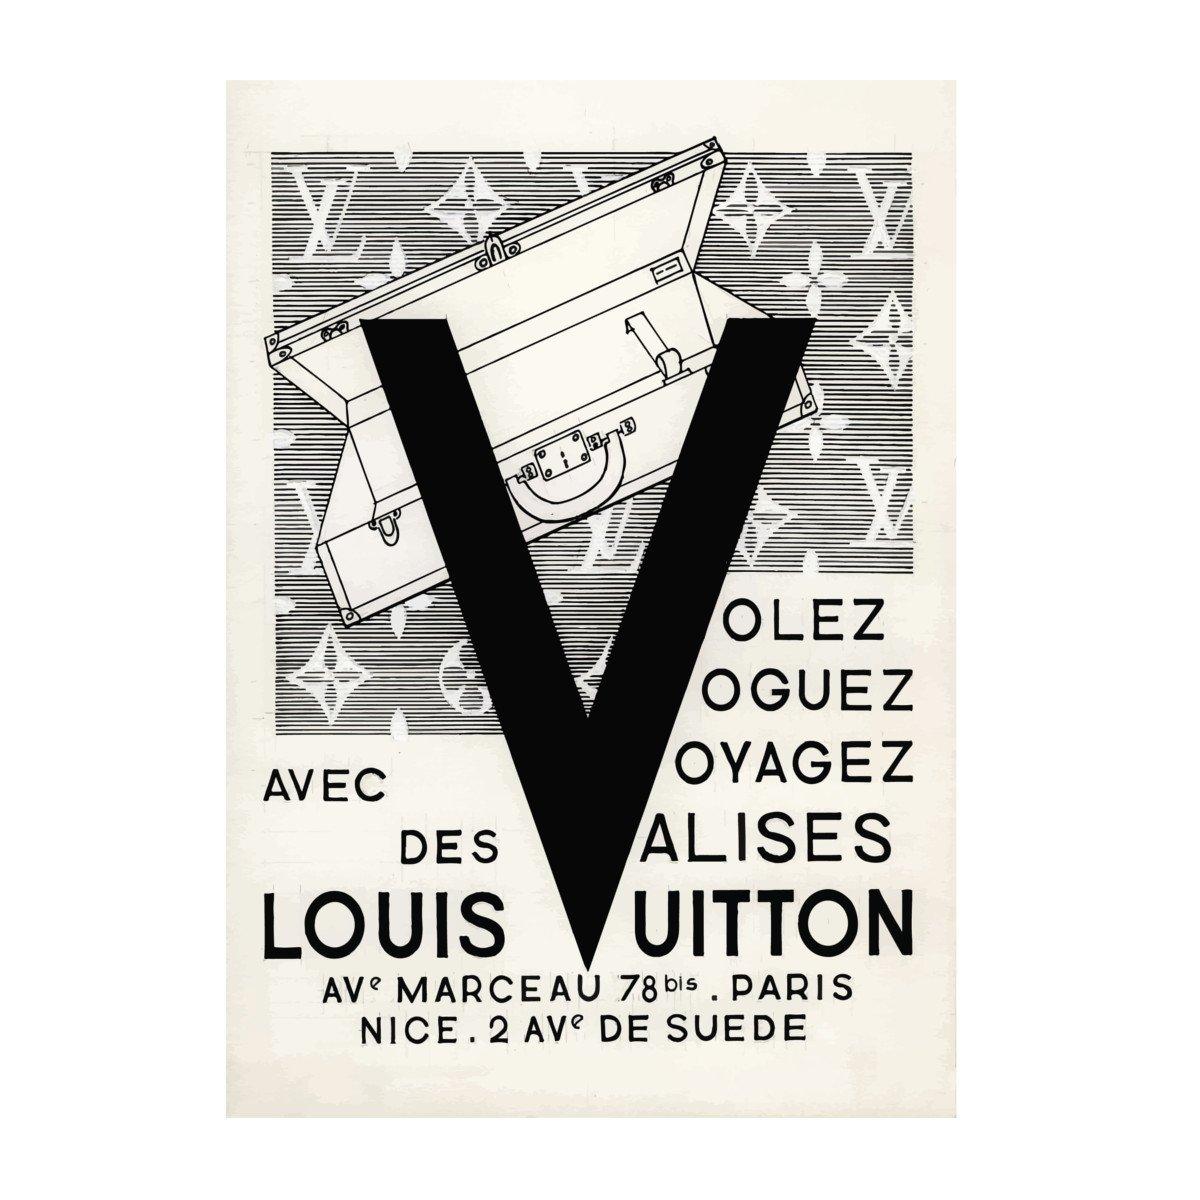 Aroma of Paris アートポスター おしゃれ インテリア 北欧 モノクロ アート #069 A2 ゴールドフレーム B0798RDMDH A2 (420 x 594mm)|ゴールドフレーム ゴールドフレーム A2 (420 x 594mm)